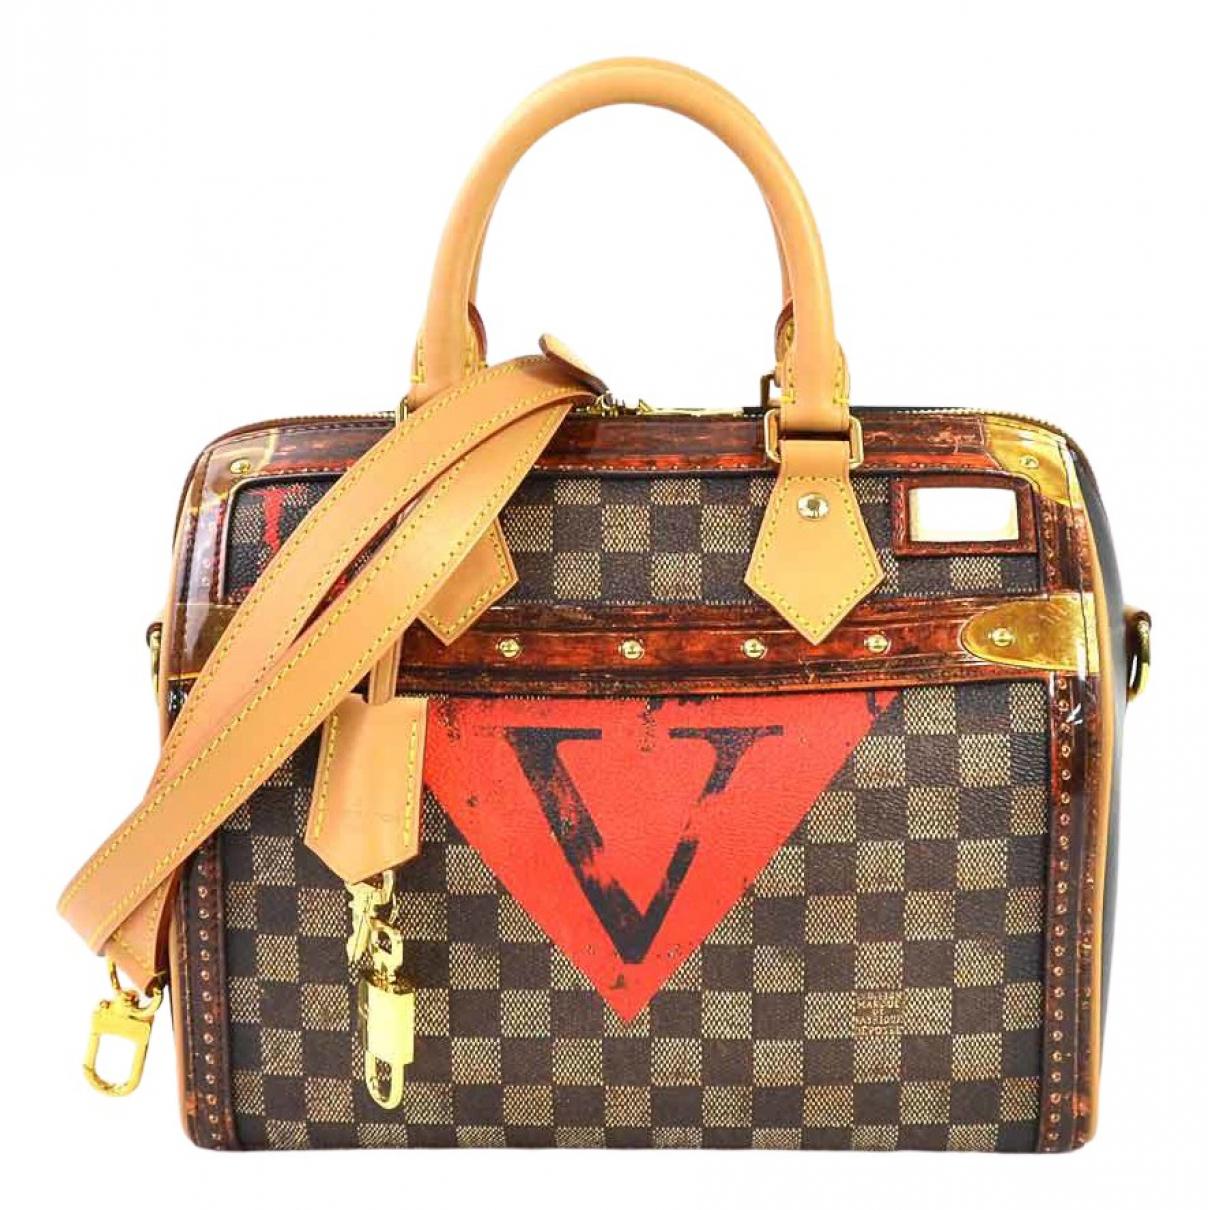 Louis Vuitton - Sac a main Speedy Bandouliere pour femme en toile - marron